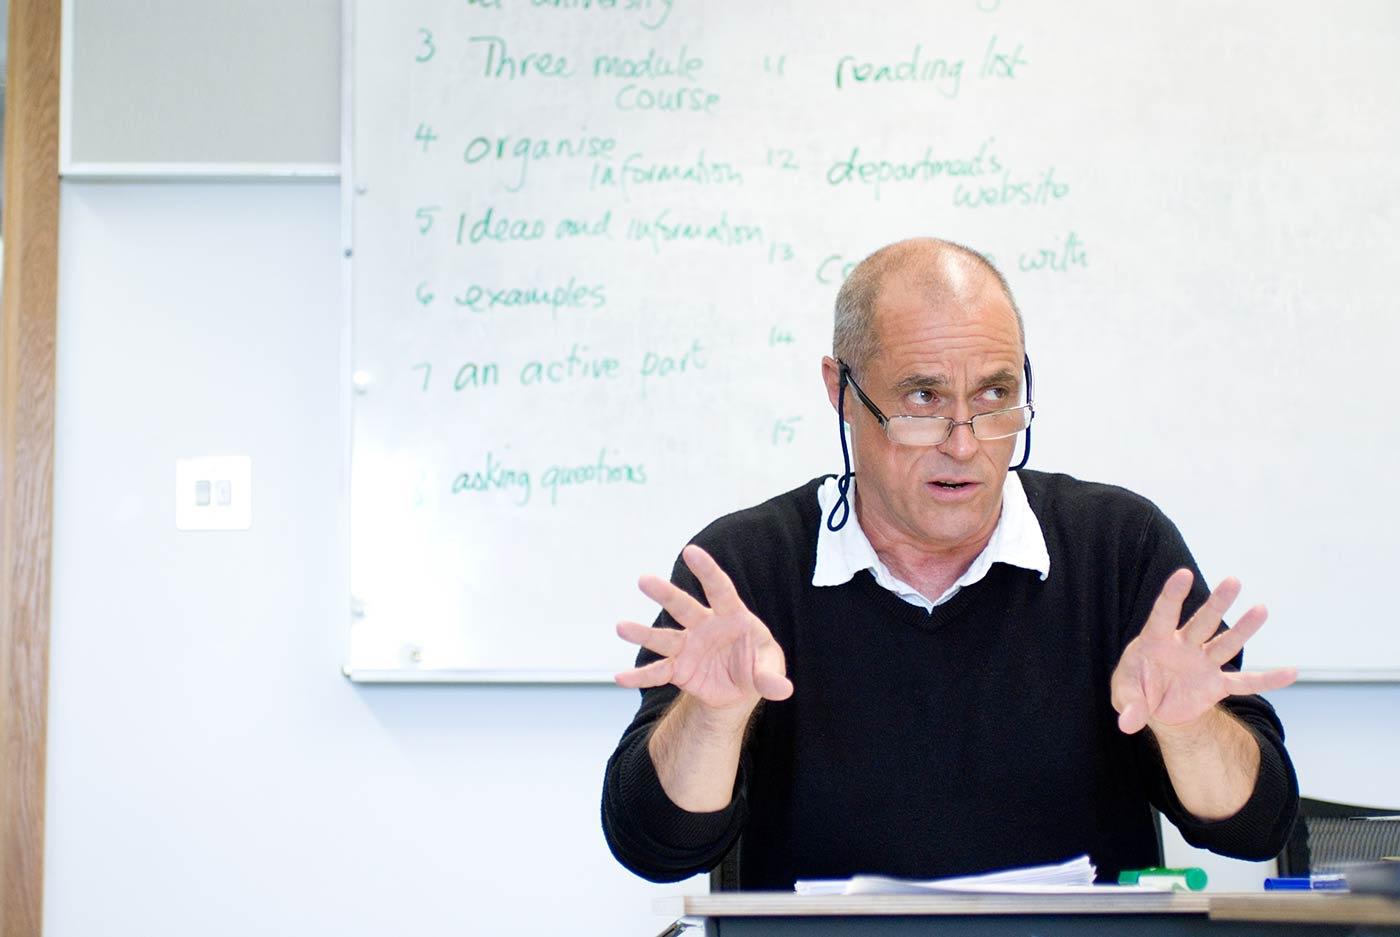 يحمل العديد من معلمي المركز بجامعة إيست أنجليا مؤهل الماجستير أو الدكتوراه